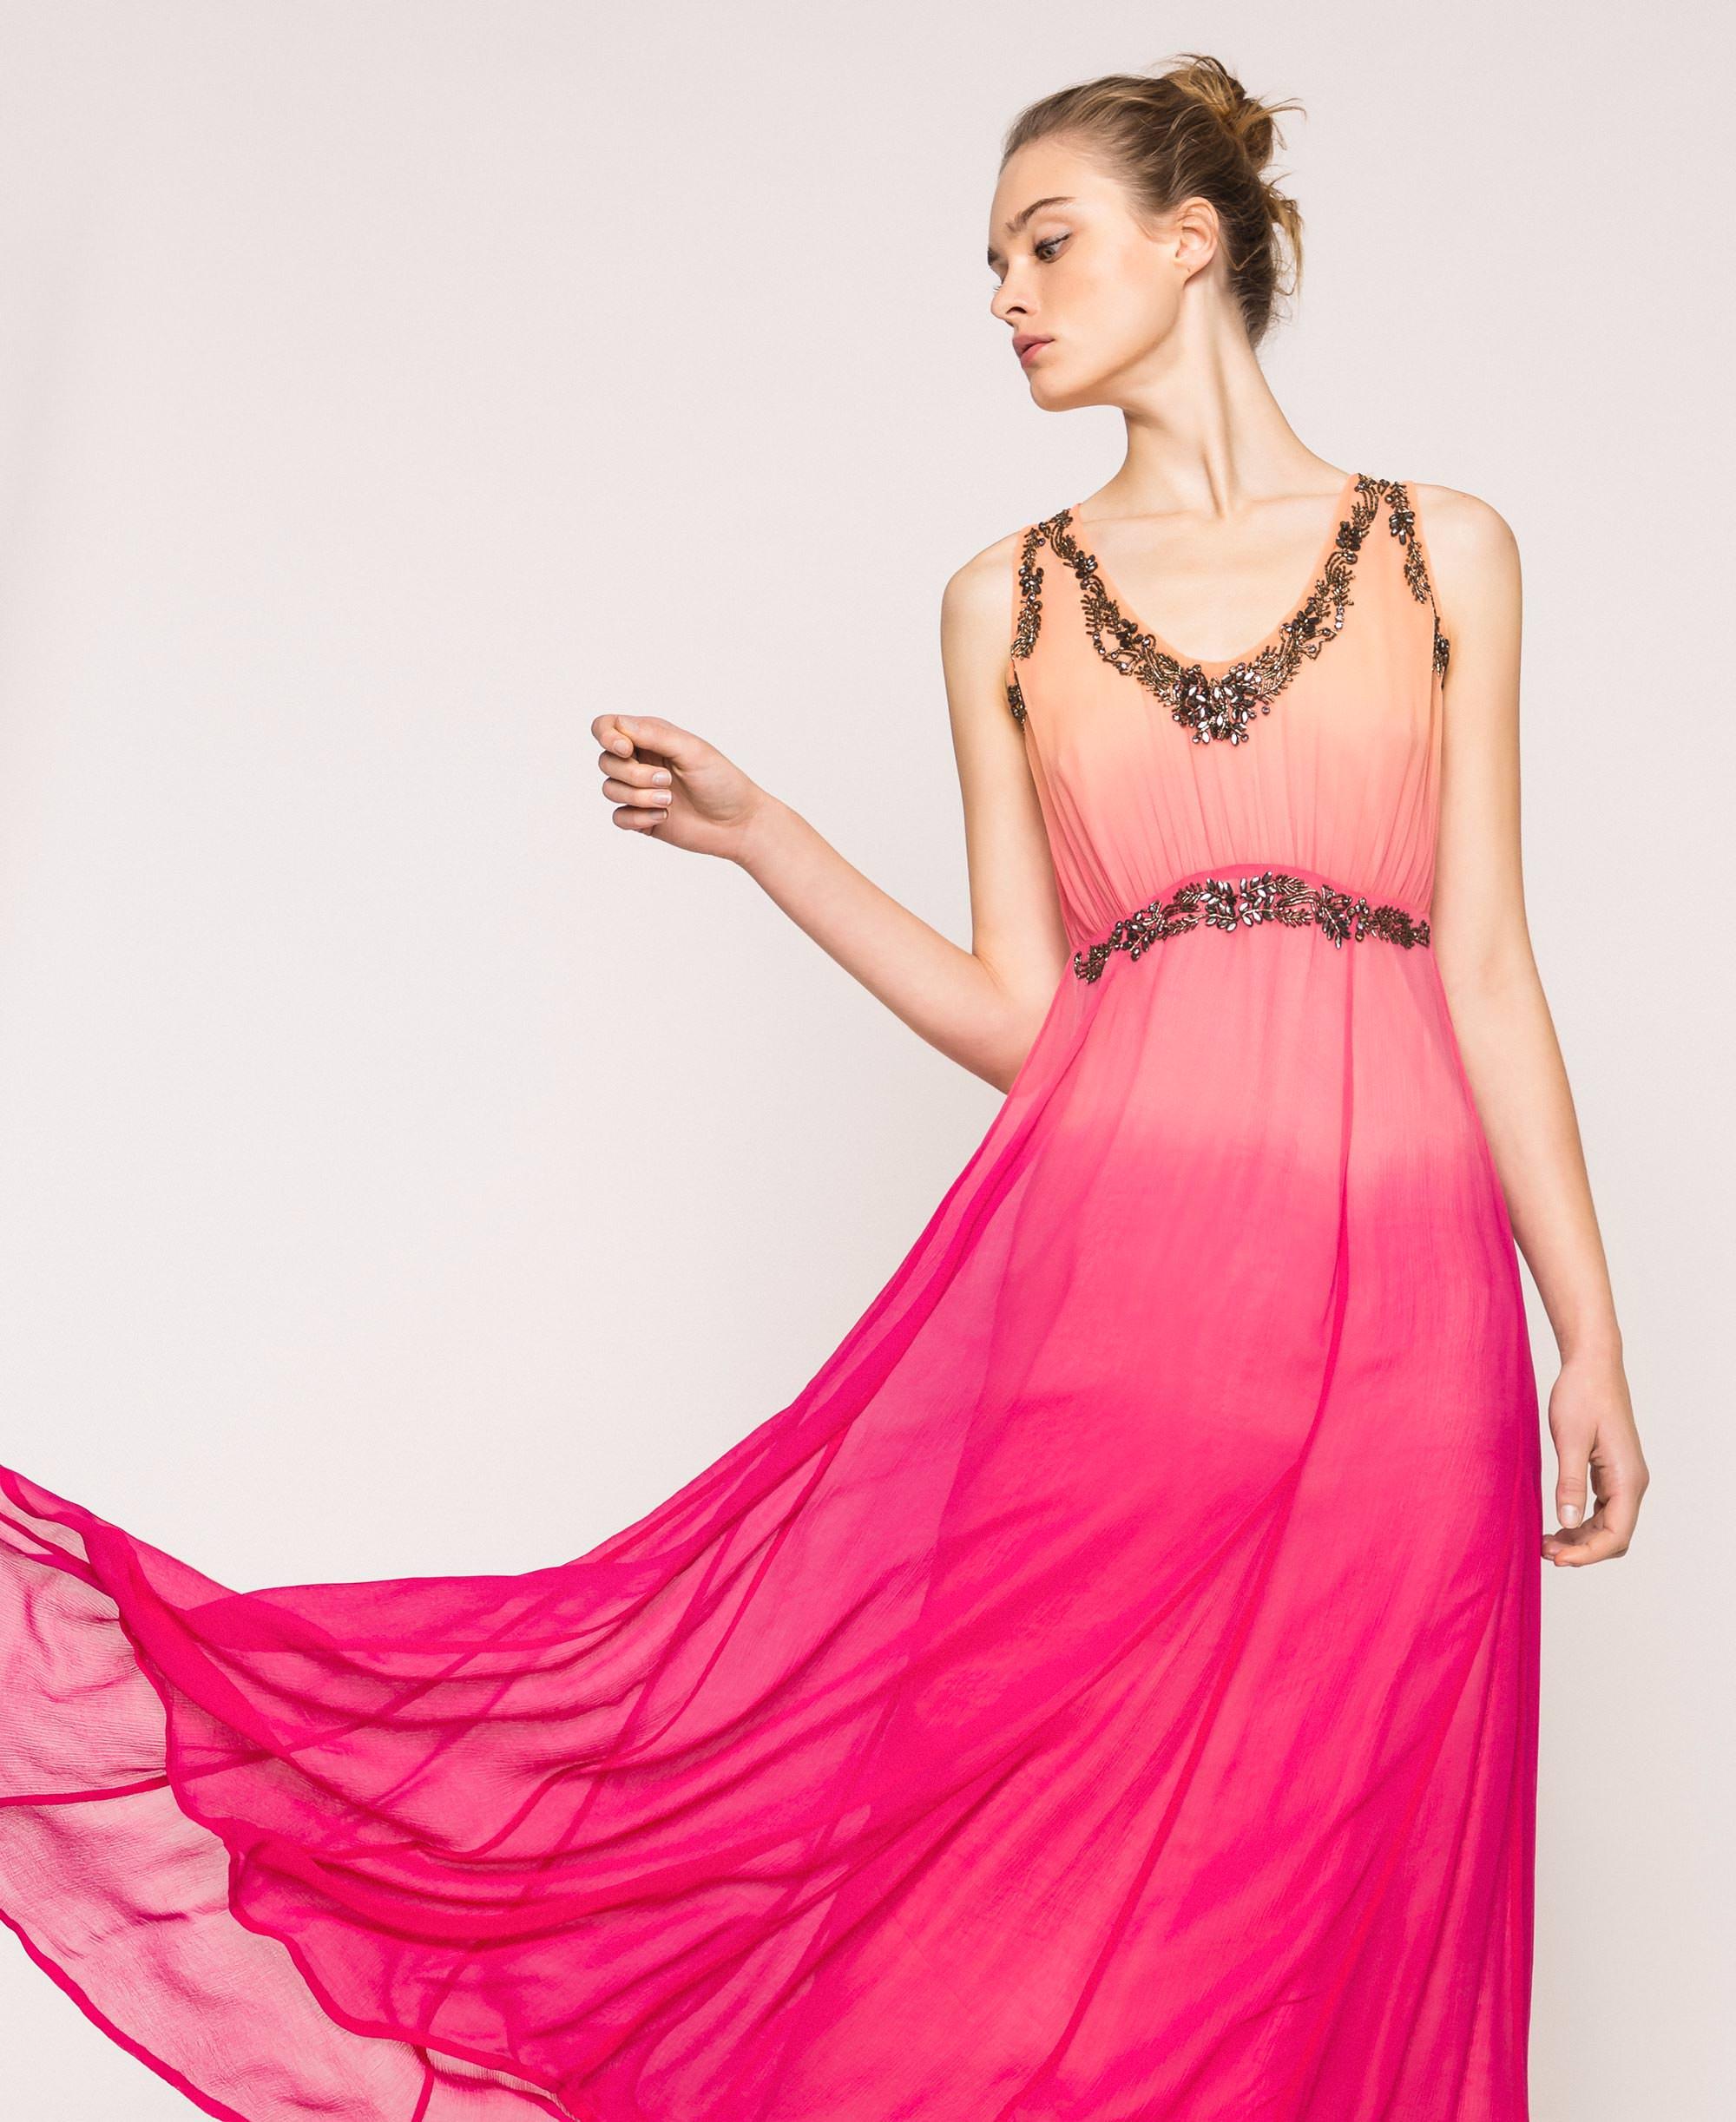 Tie-Dye- Kleid aus Krepon mit Stickerei Frau, Rose  TWINSET Milano